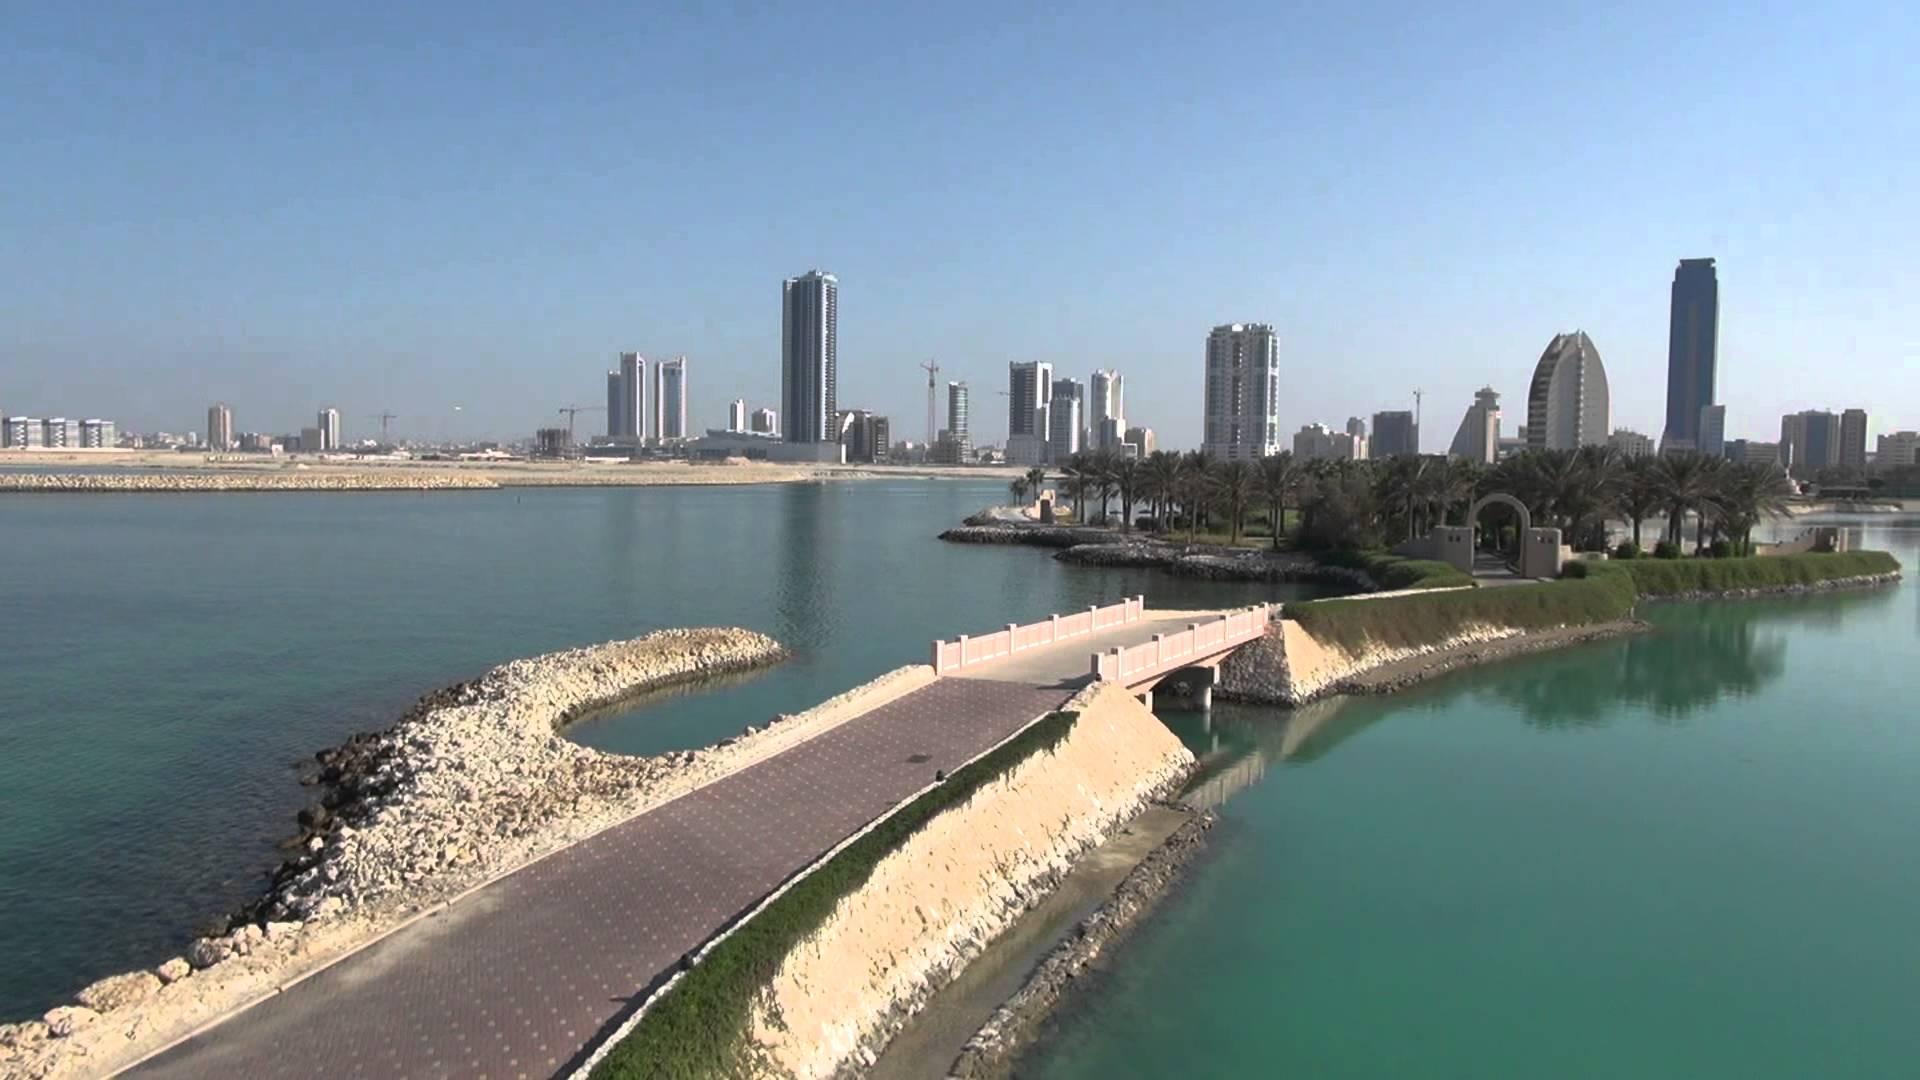 ладонях смотреть фото бахрейн горе